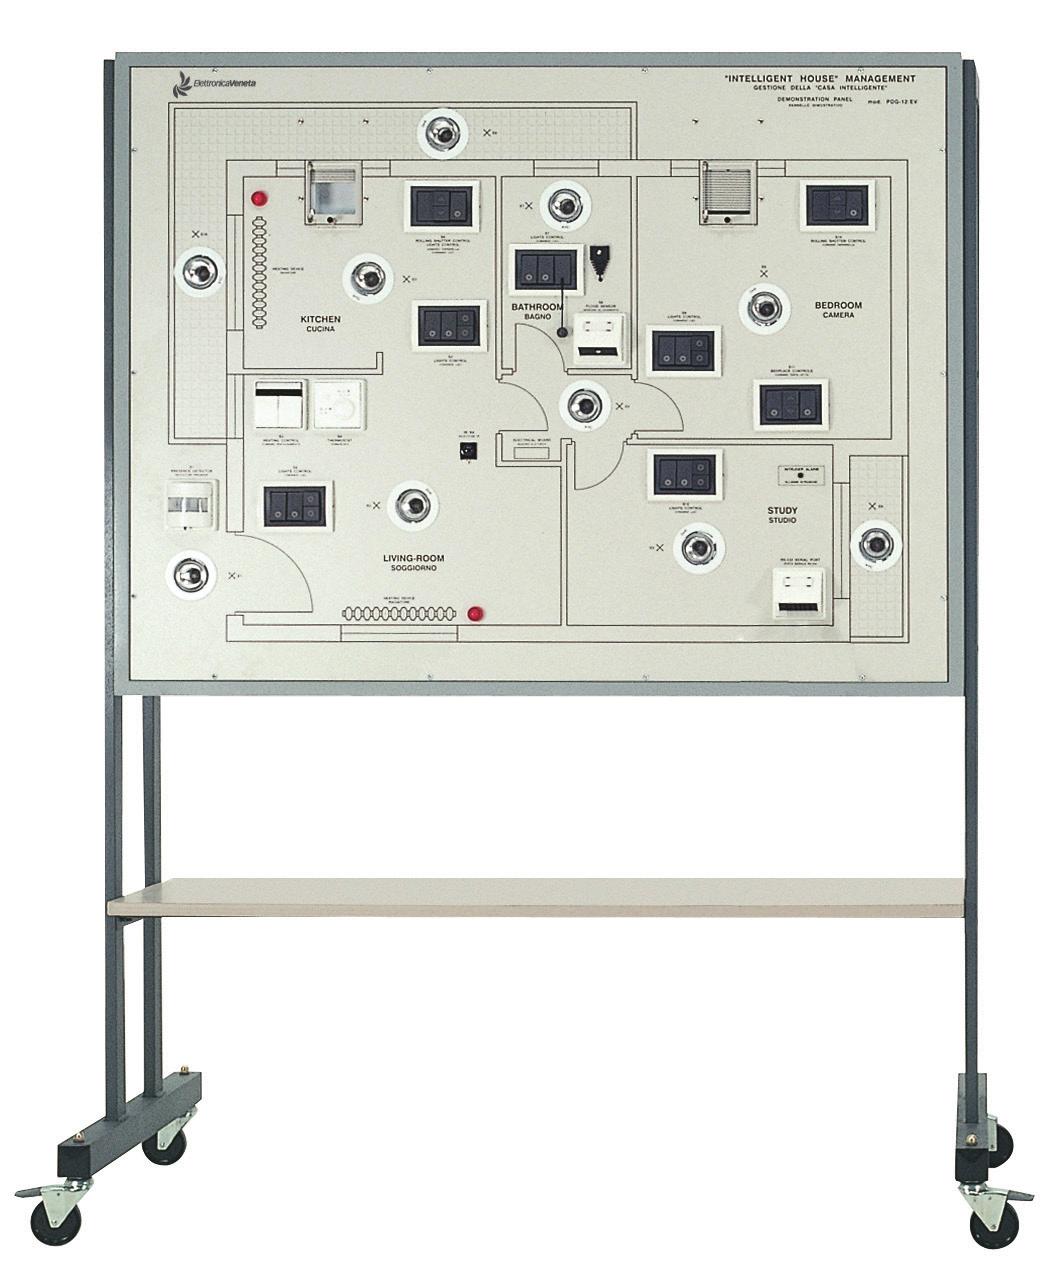 Painel para Demonstração para Projeto e Análise Funcional de Sistemas Elétricos/ Eletrônicos de uma Casa Inteligente – Ref. DT-DM009